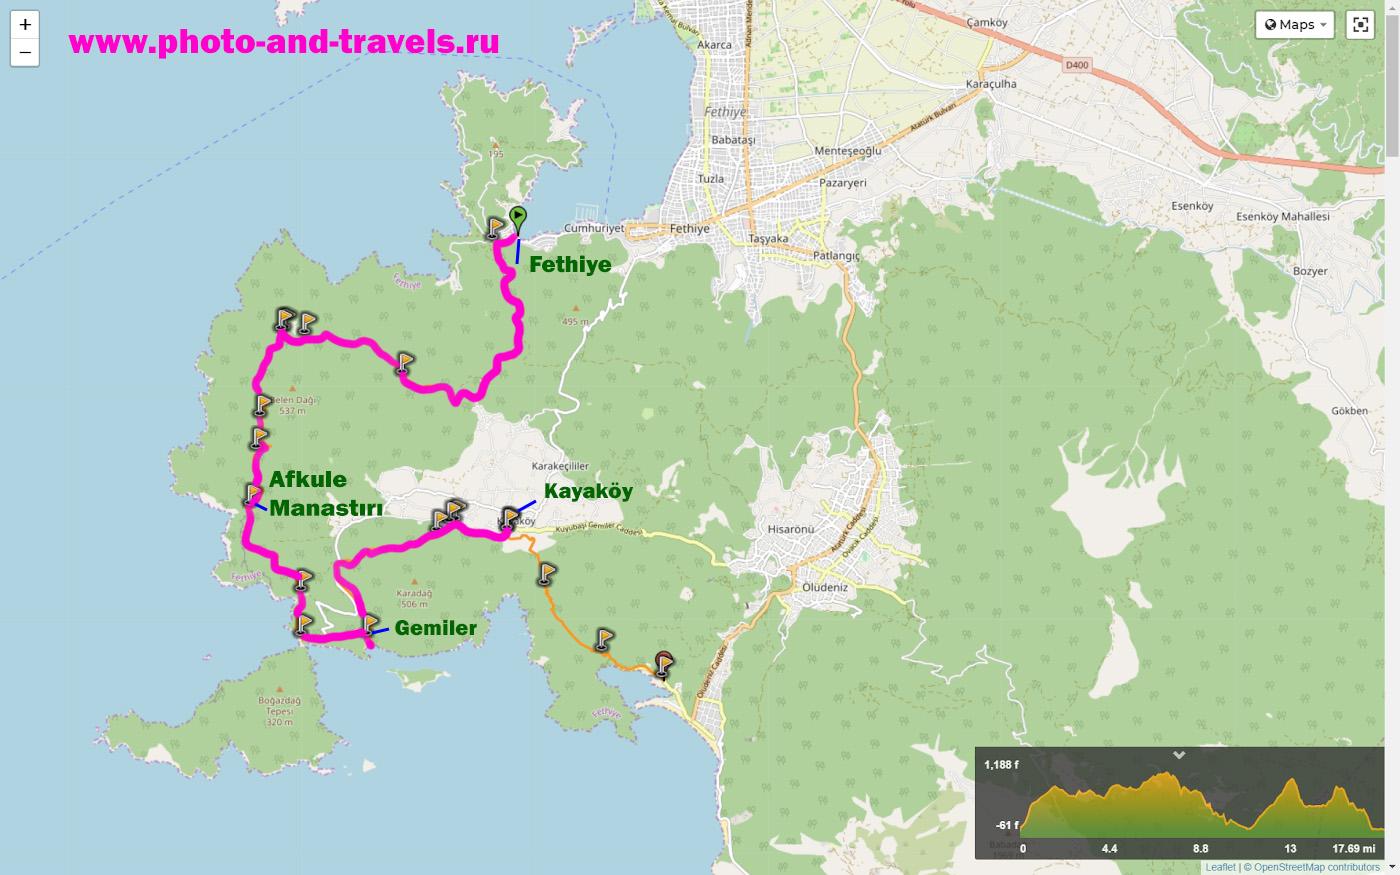 22. Карта со схемой маршрута Фетхие – Афкуле – Гемилер – Каякёй (Fethiye – Afkule – Gemiler - Kayaköy) на Западной Ликийской тропе (Western Lycian trail).